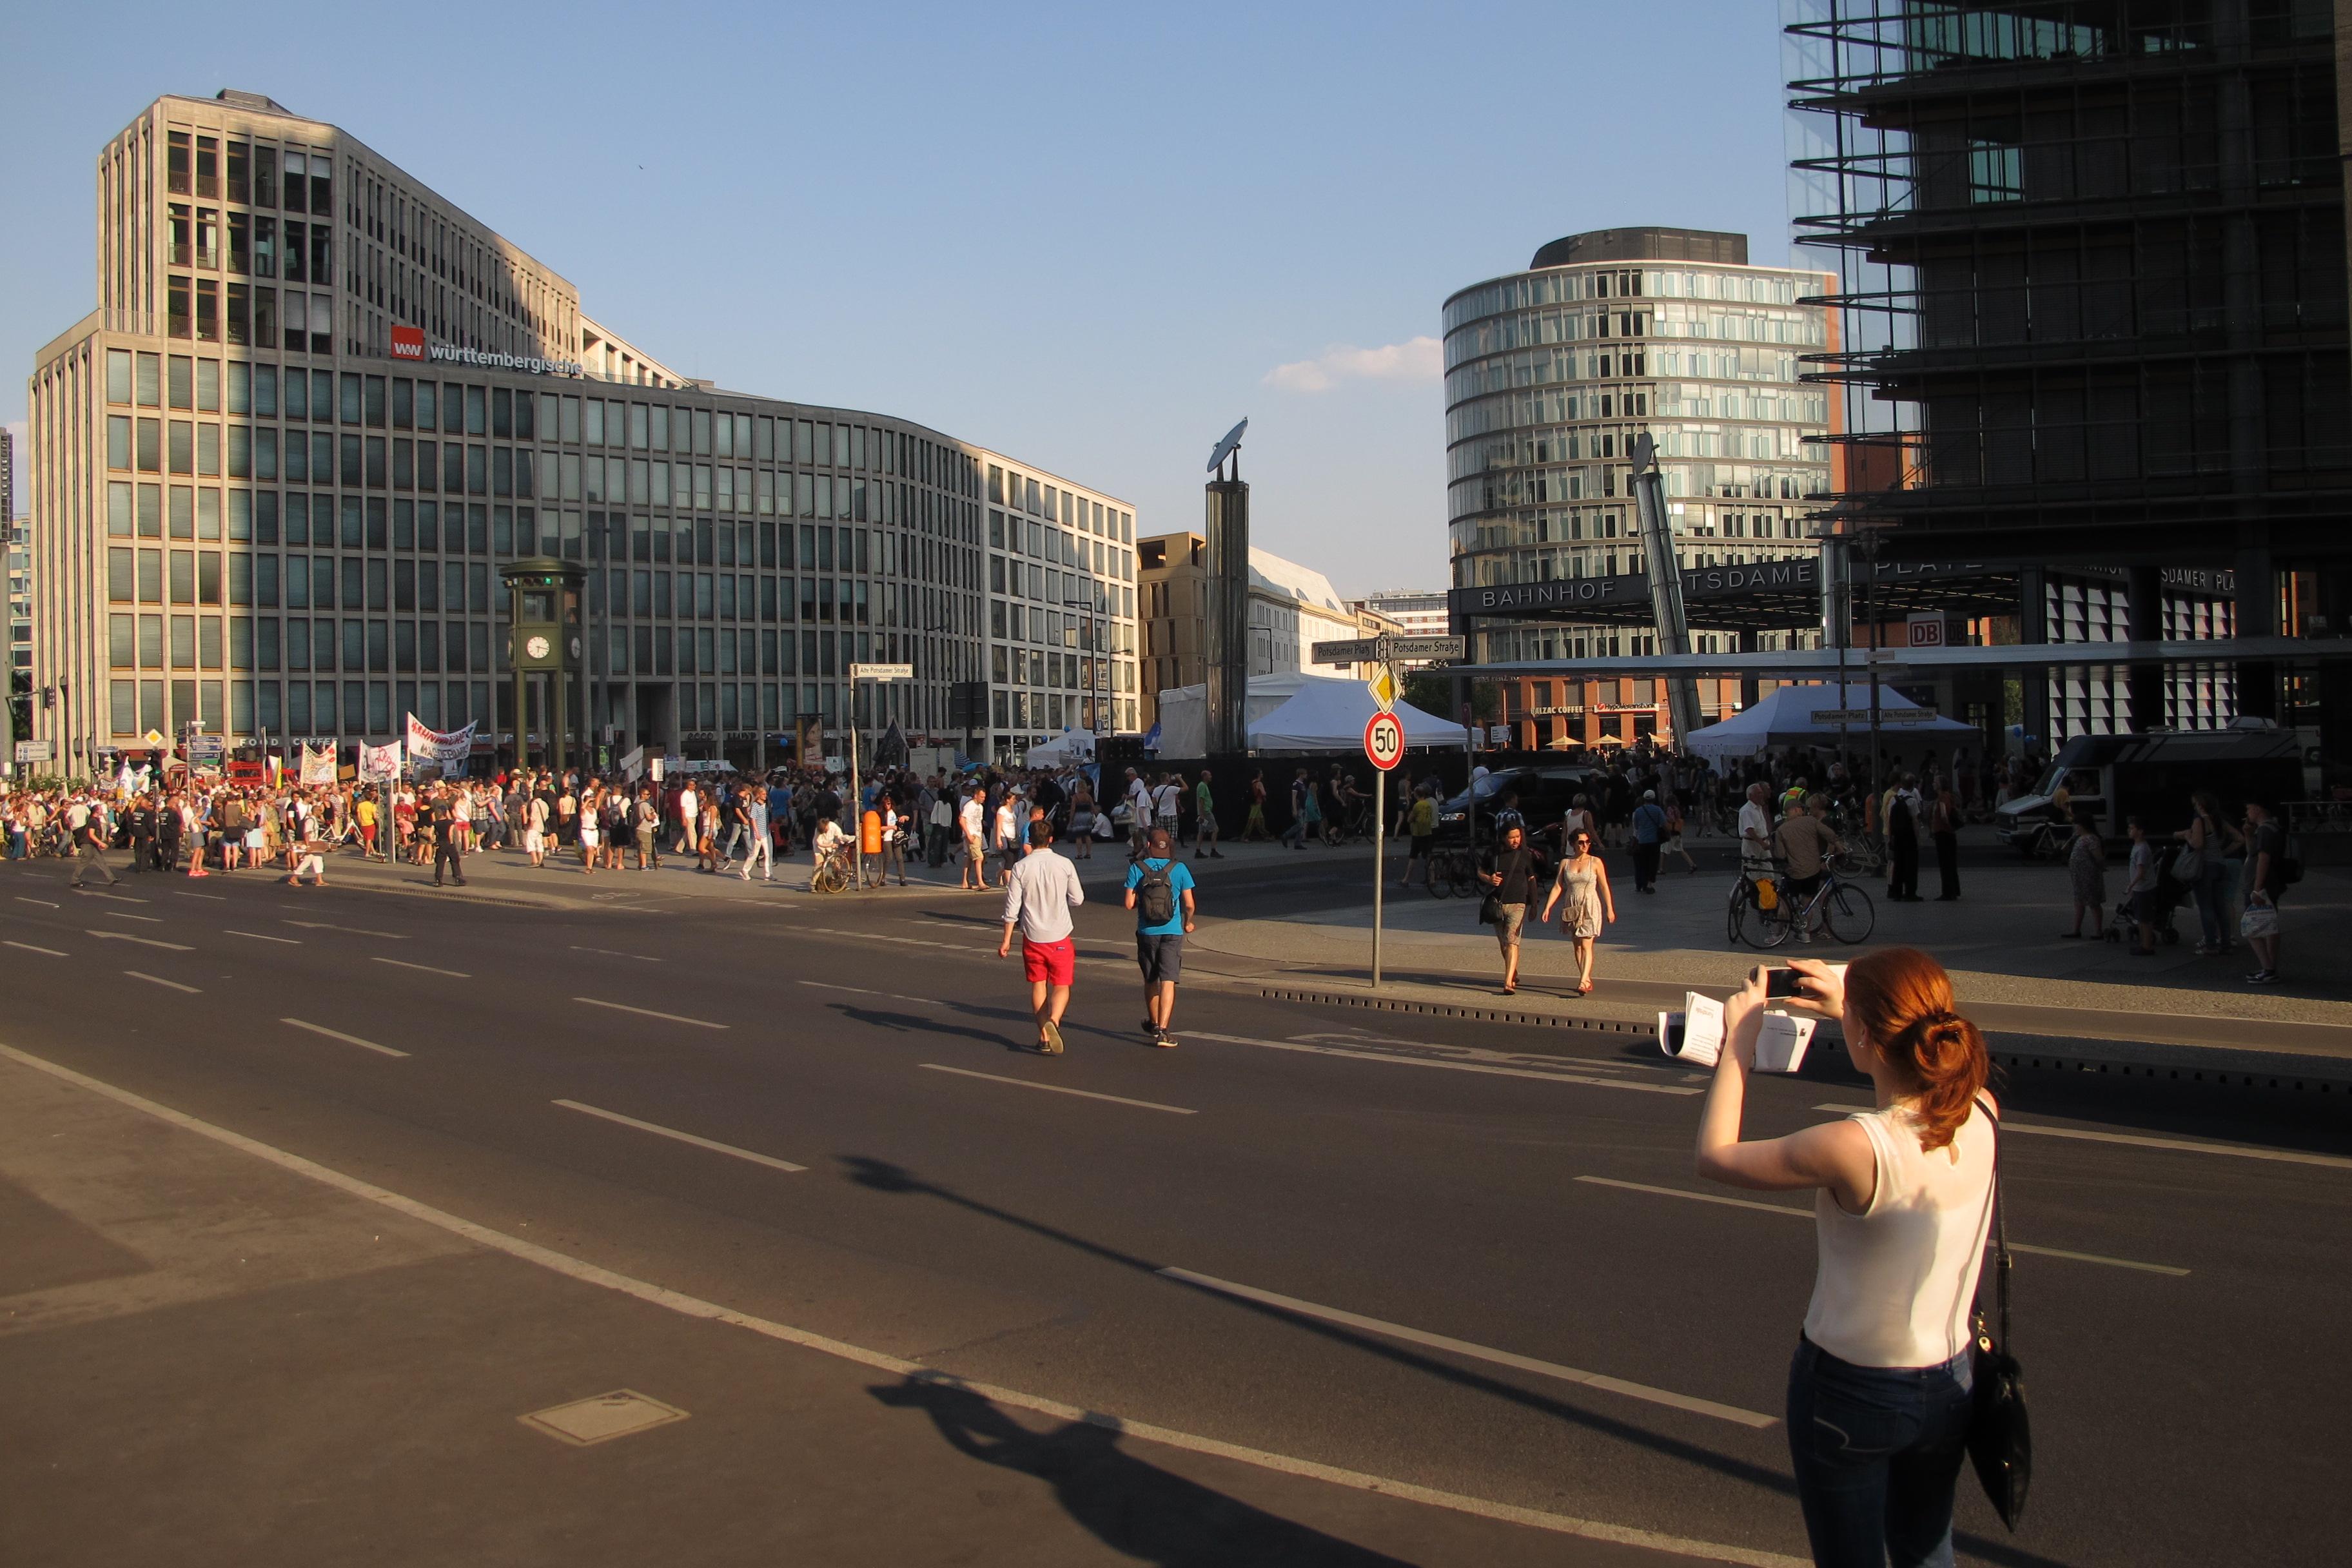 Manifestació contra els bombardejos de Gaza a la Postdamer Platz (1)